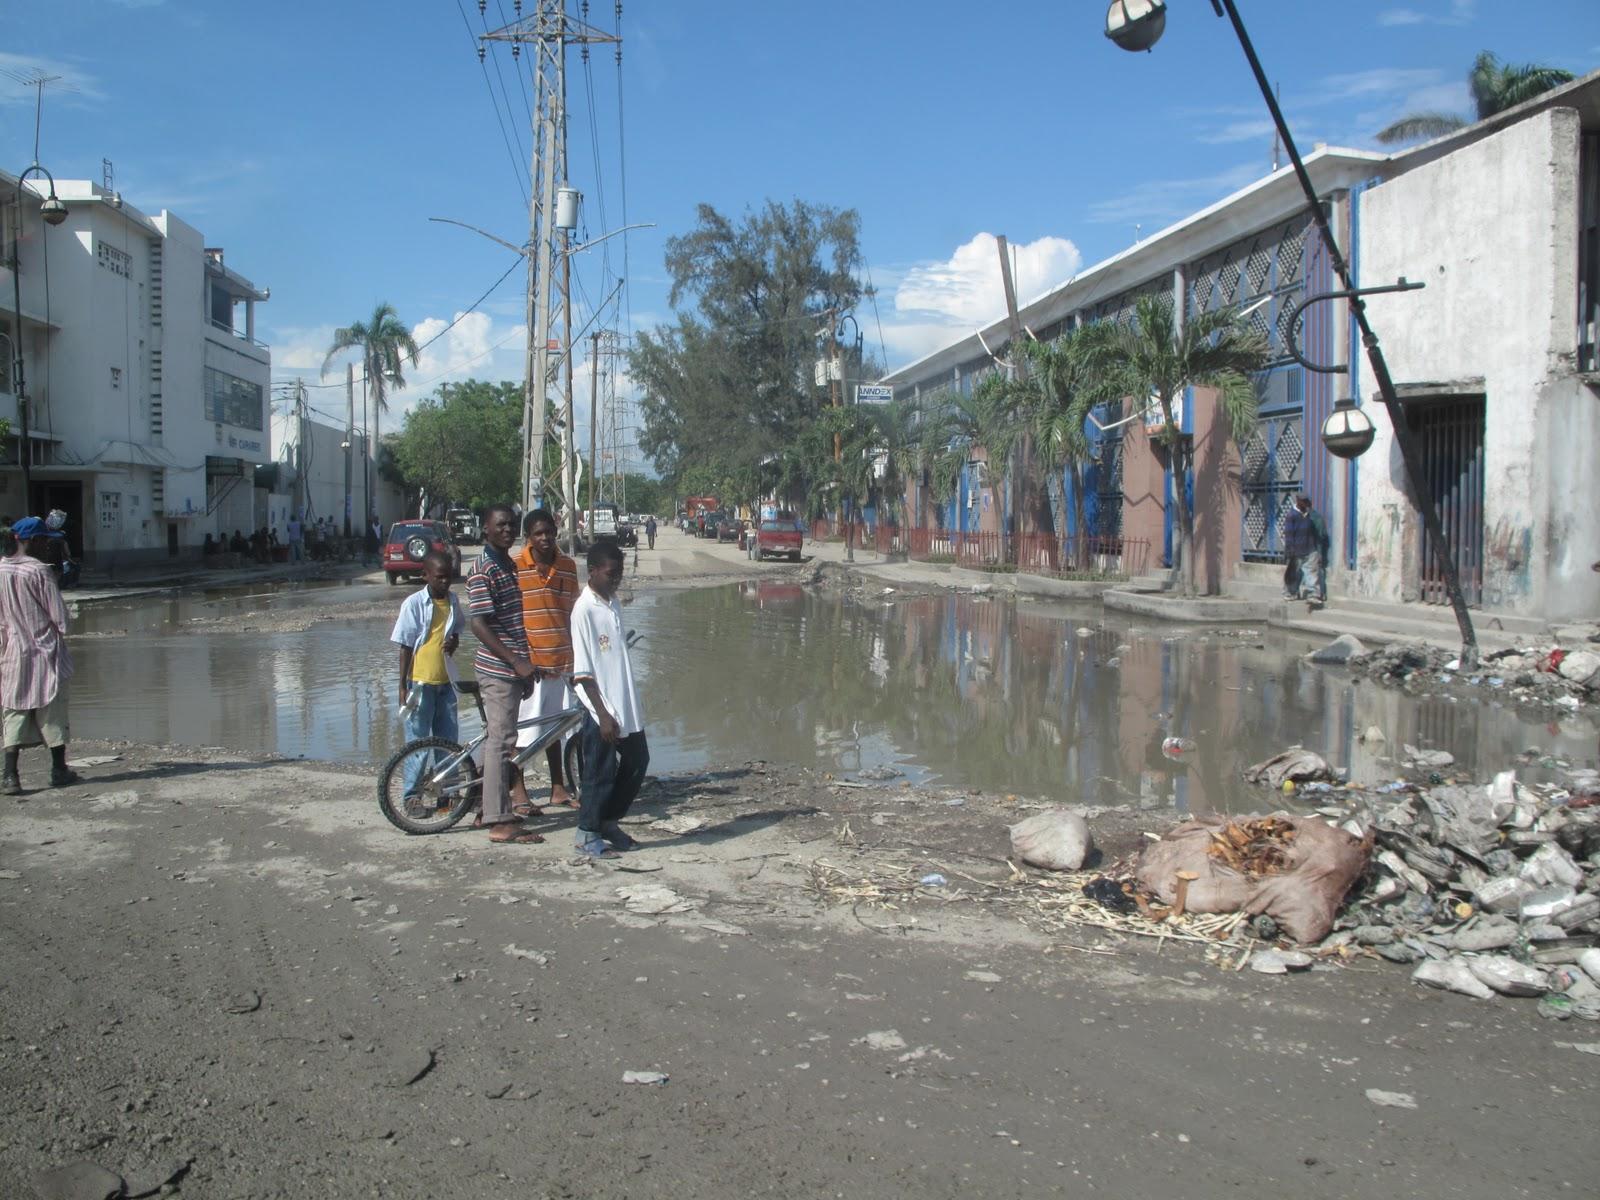 Aparador Suspenso Mercado Livre ~ Reconstruindo o Haiti De perto parece ser pior